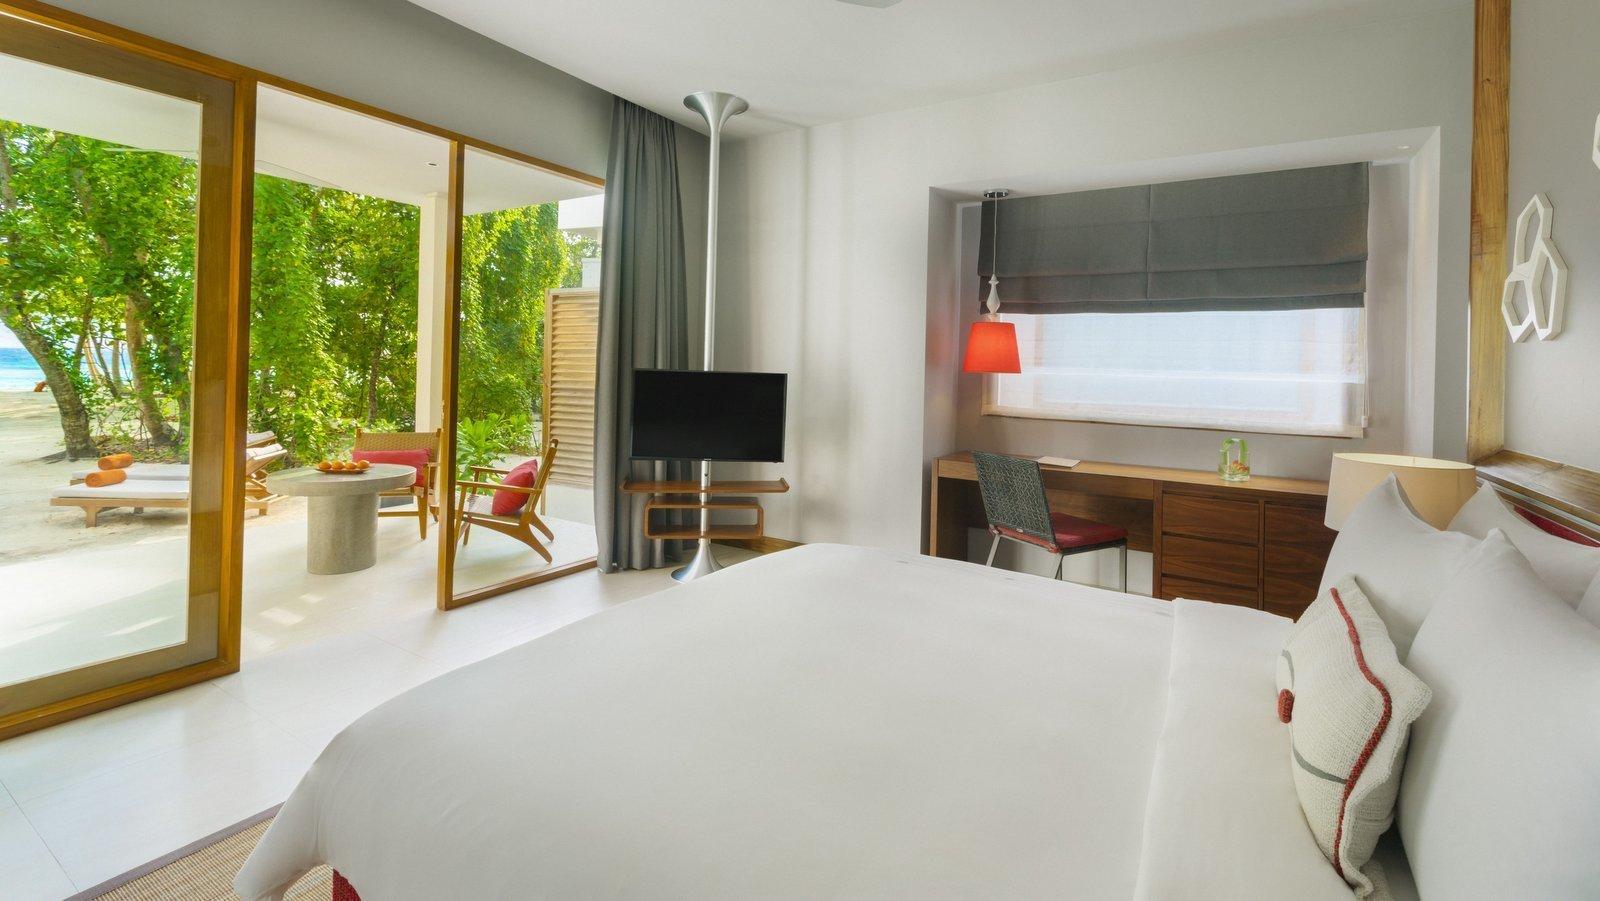 Мальдивы, отель Dhigali Maldives, номер Beach Bungalow